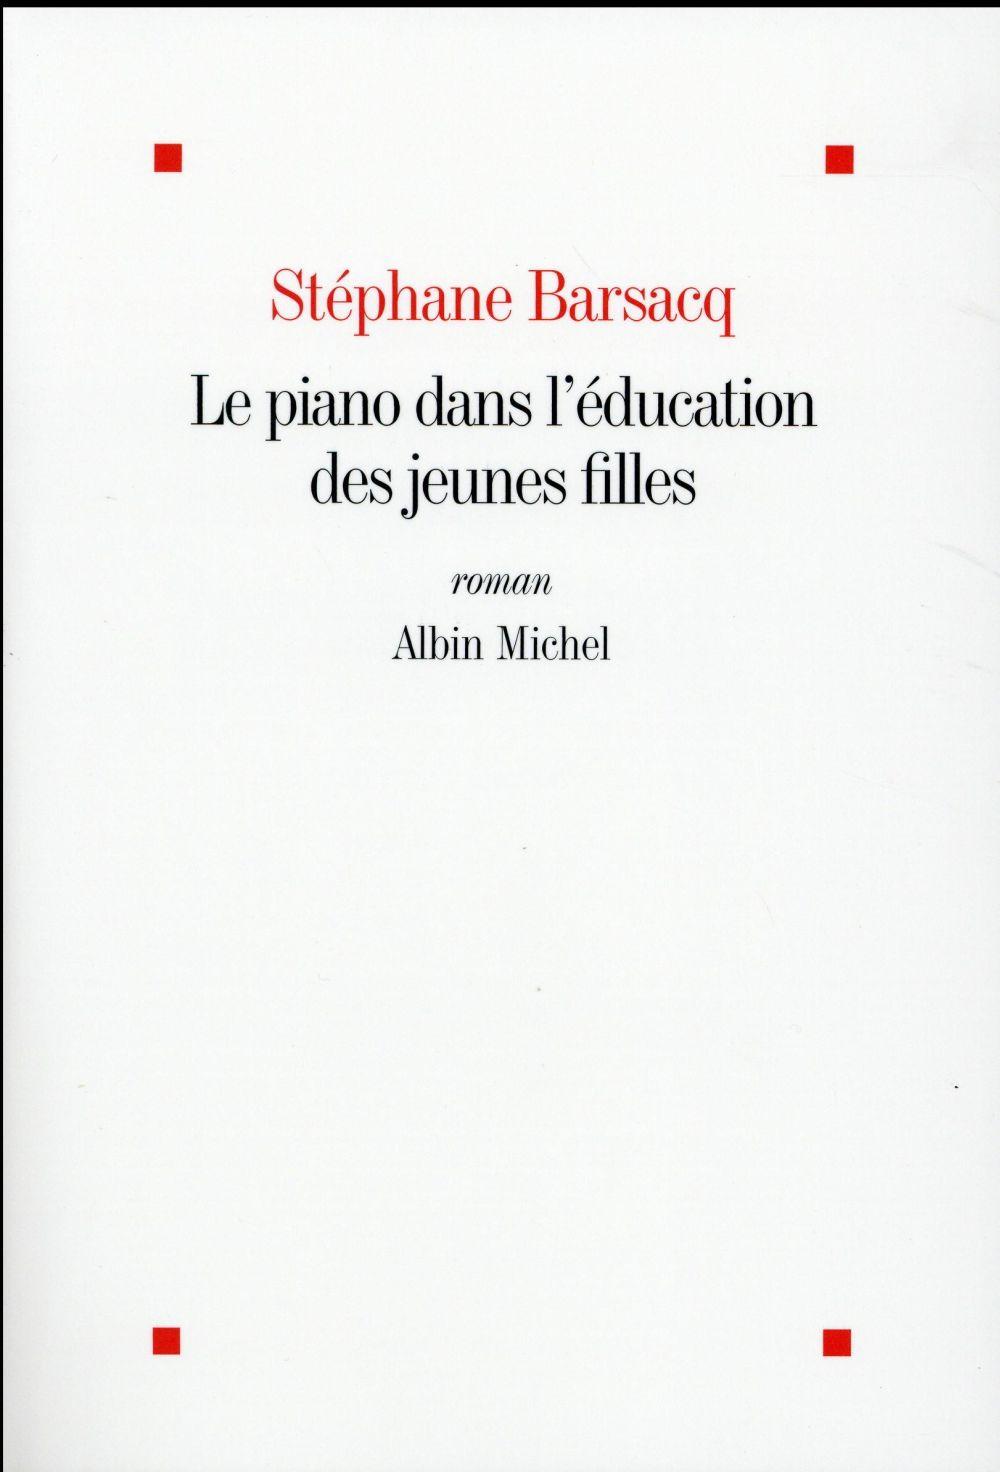 Le piano dans l'éducation des jeunes filles